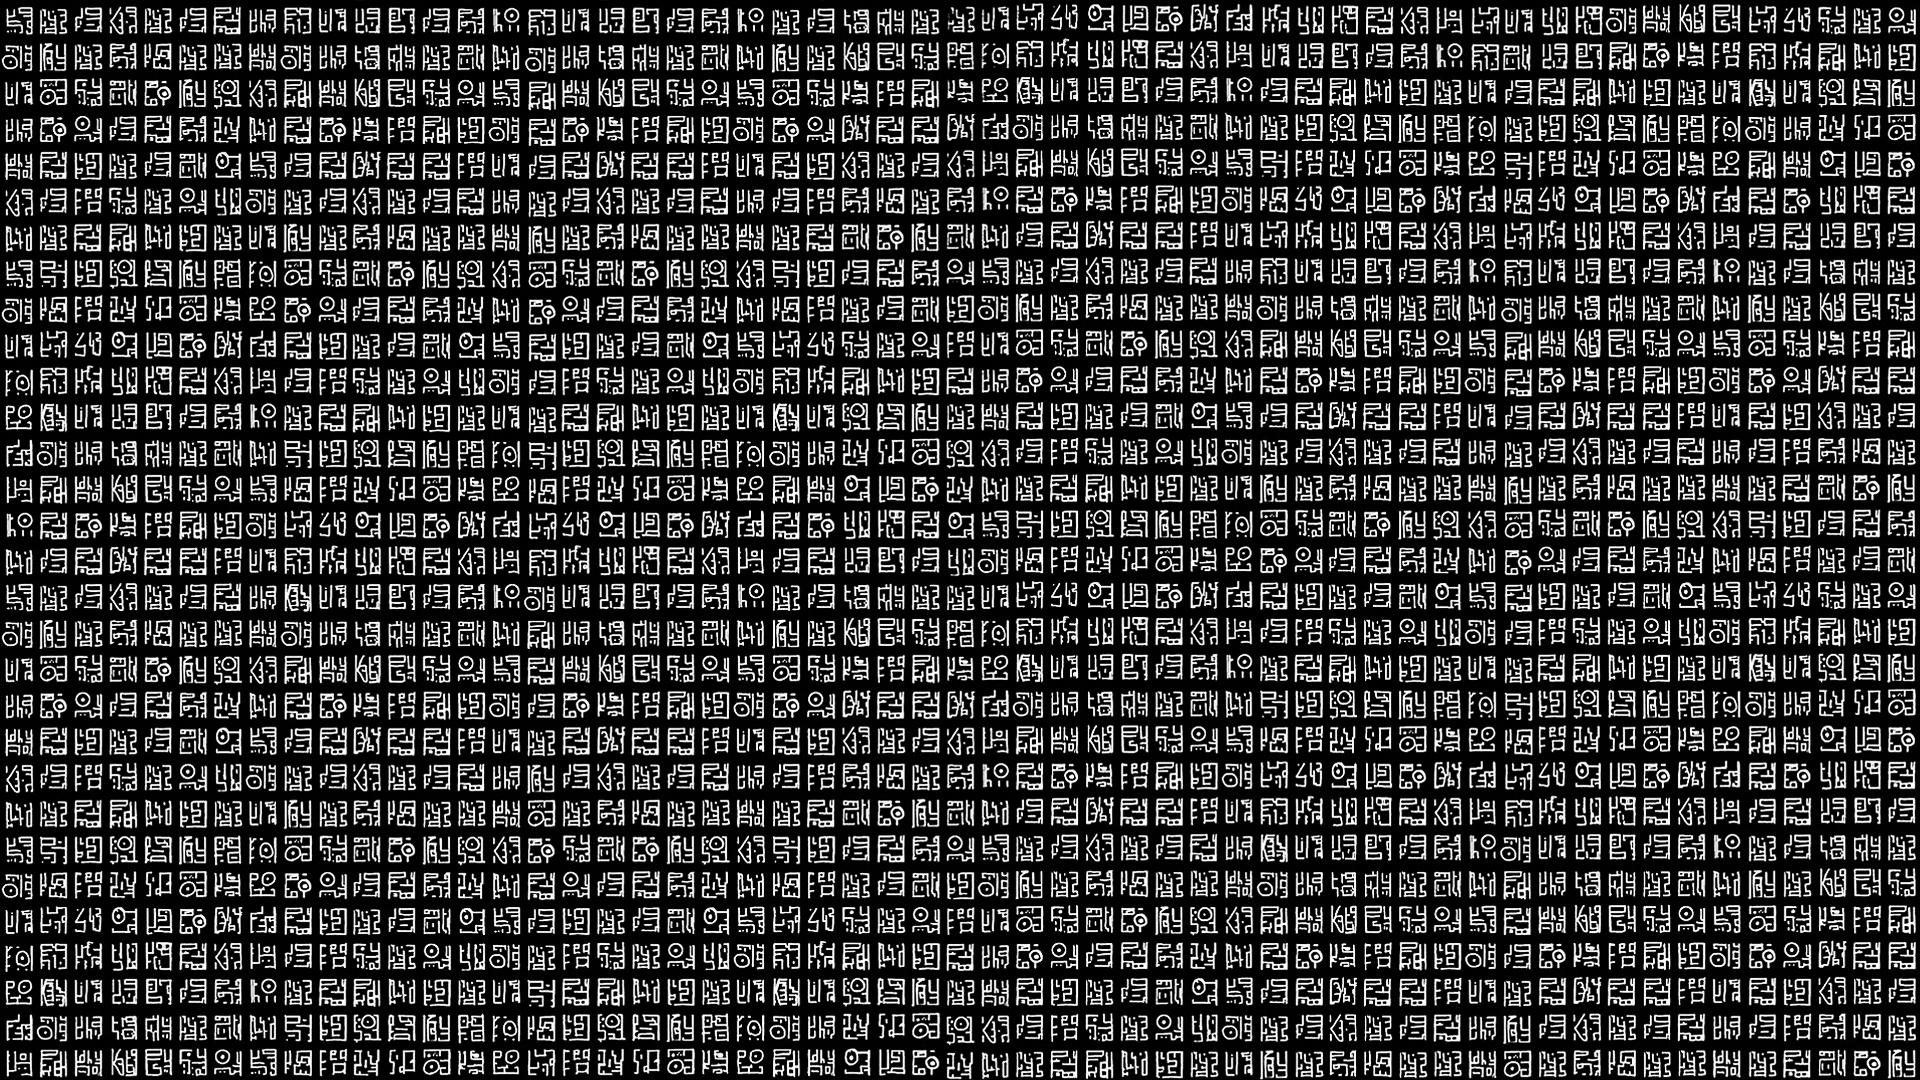 Hieroglyphs Wallpaper 6   1920 X 1080 stmednet 1920x1080